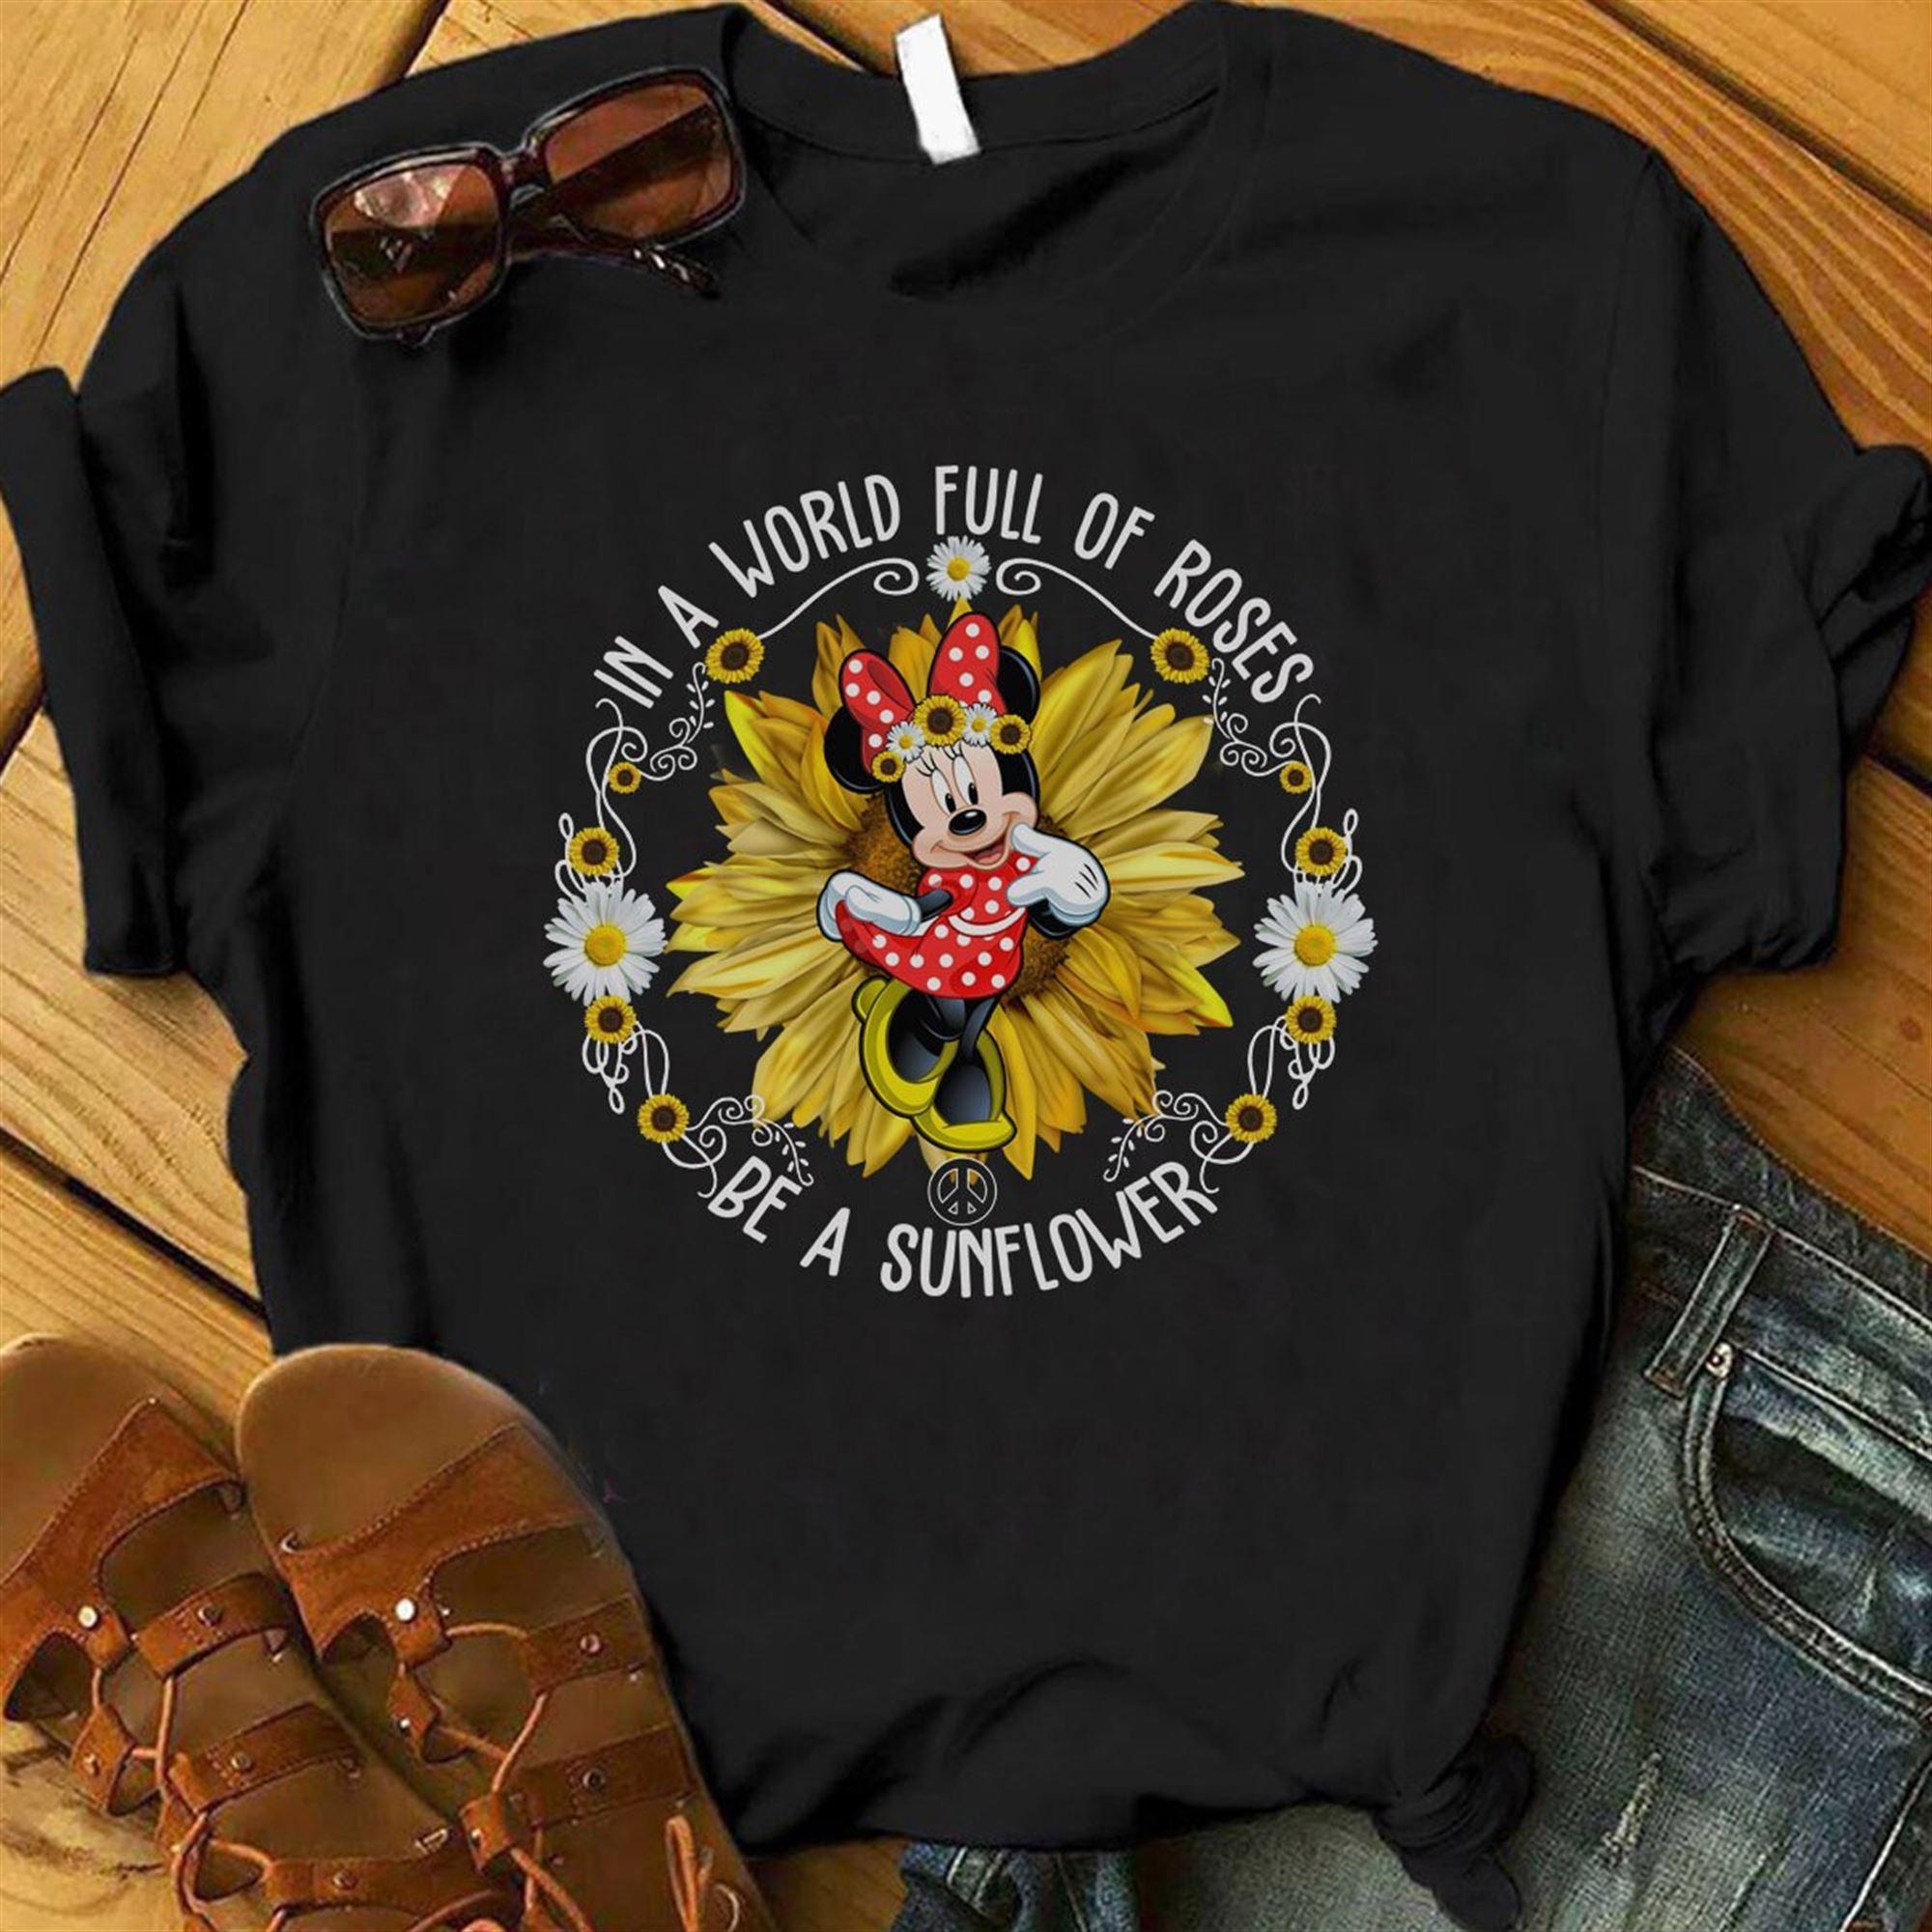 Be A Sunflower Shirt Minnie Shirt Minnie Ears Magical Vacation Disney Parks Sunflower Sunflower Minnie Shirt Epcot Flower And Garden Tee